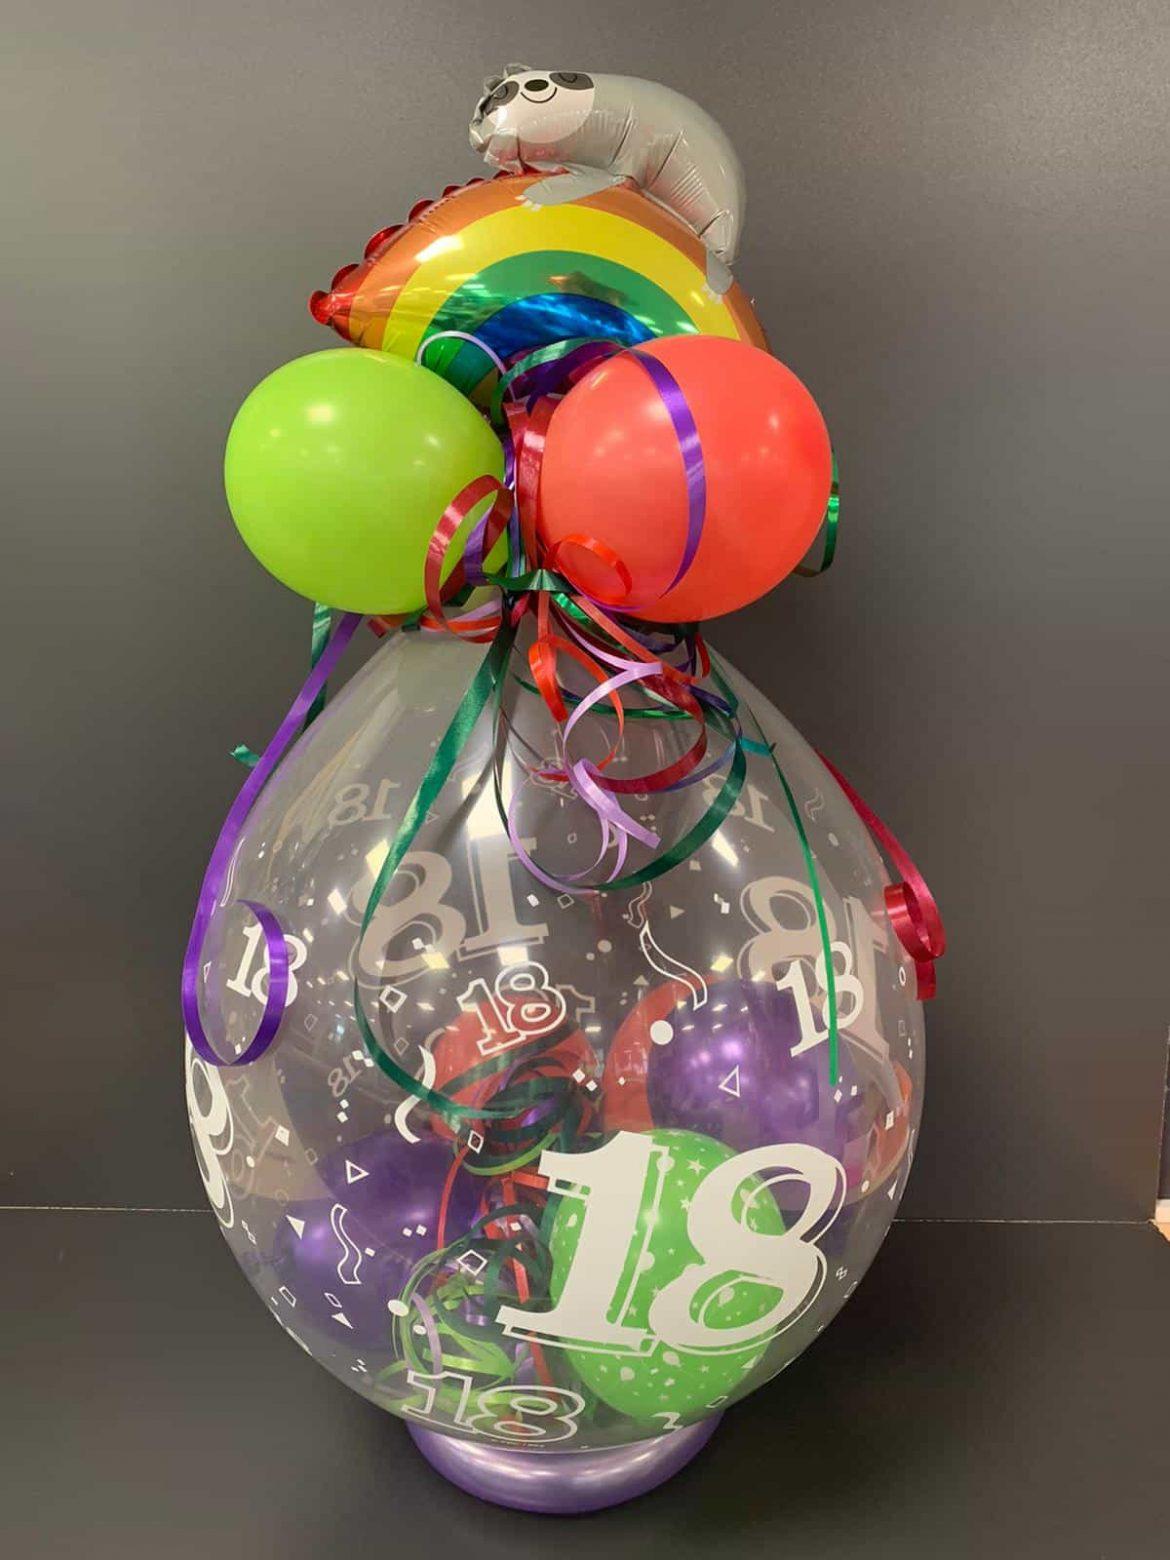 18. Geburtstag Ballongeschenk 1